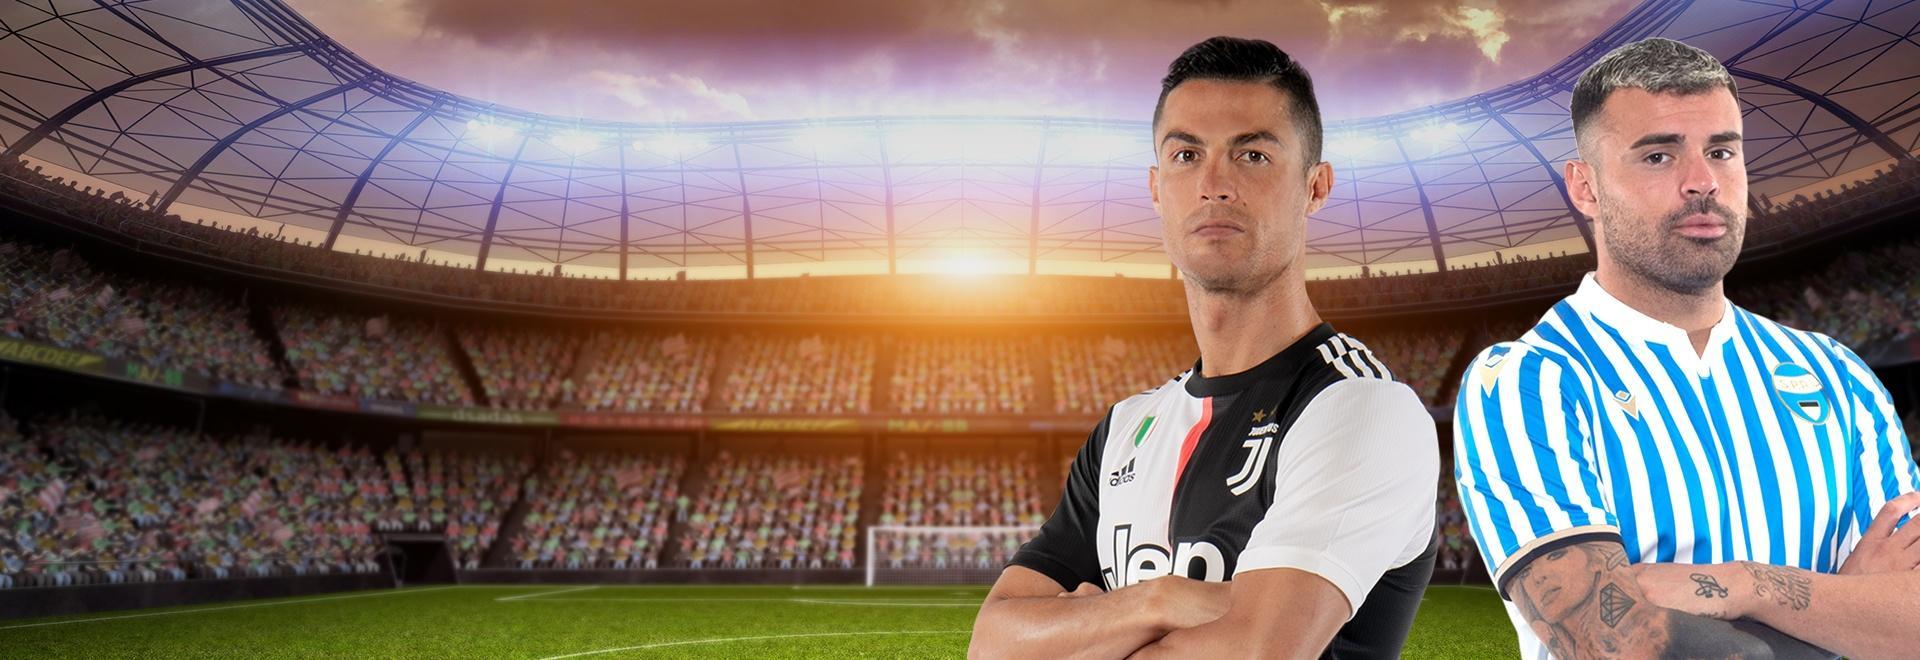 Juventus - Spal. 6a g.